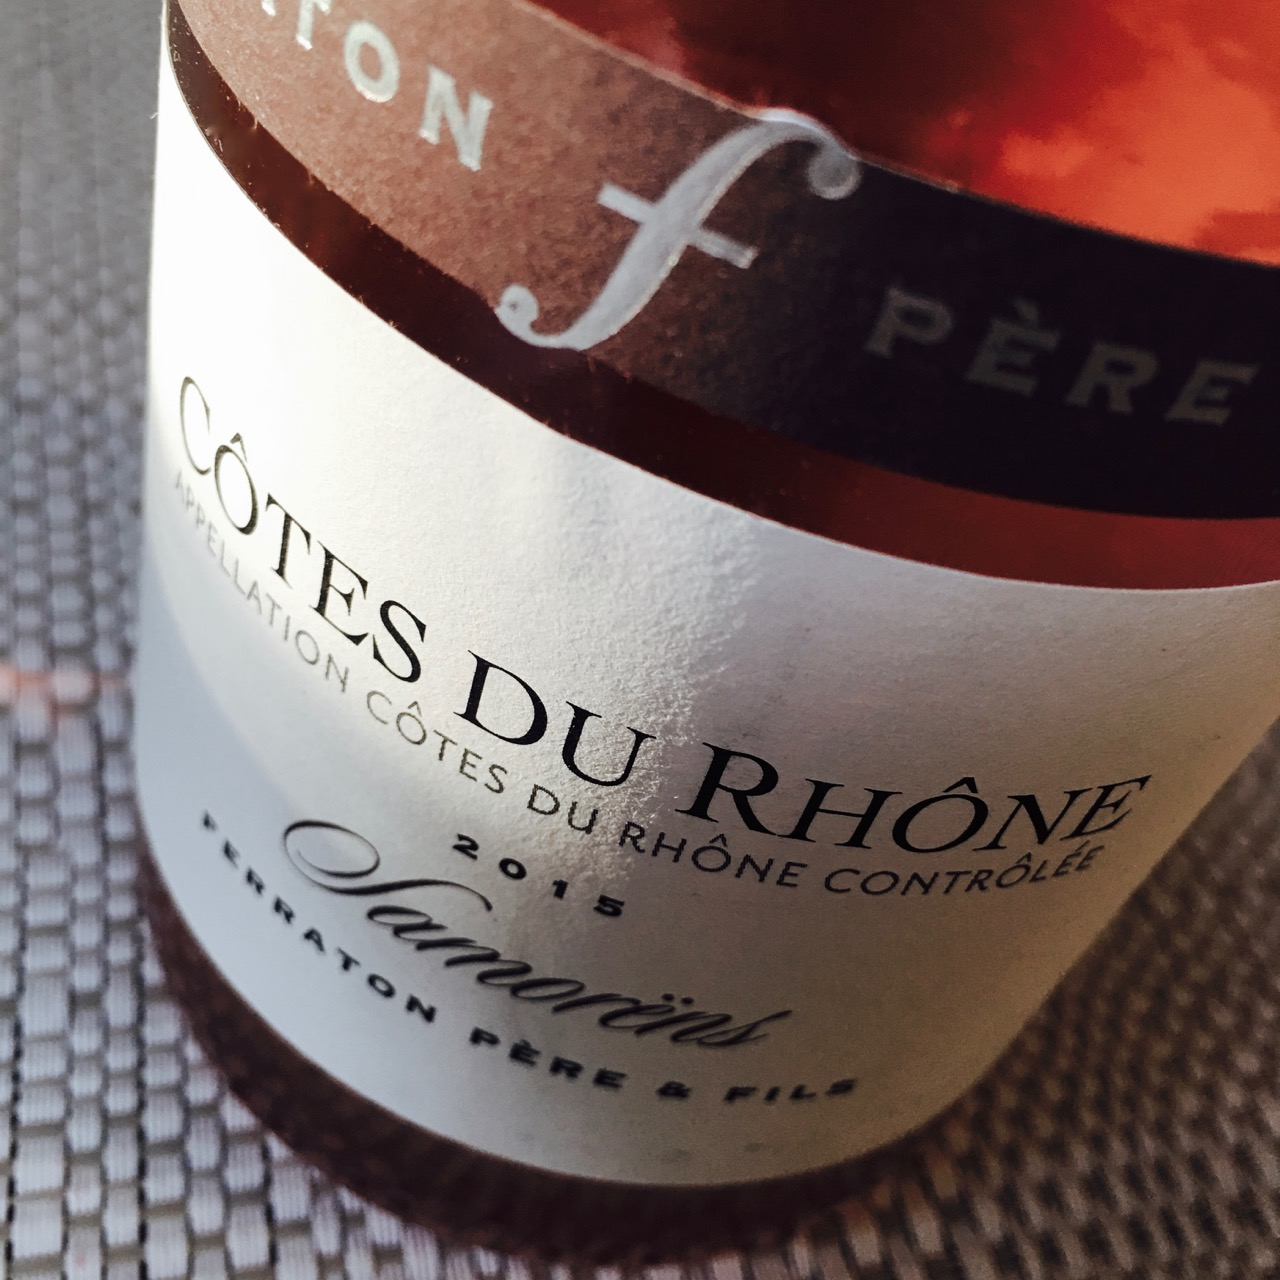 2015 Ferraton Père et Fils Samorëns Côtes du Rhône Rosé